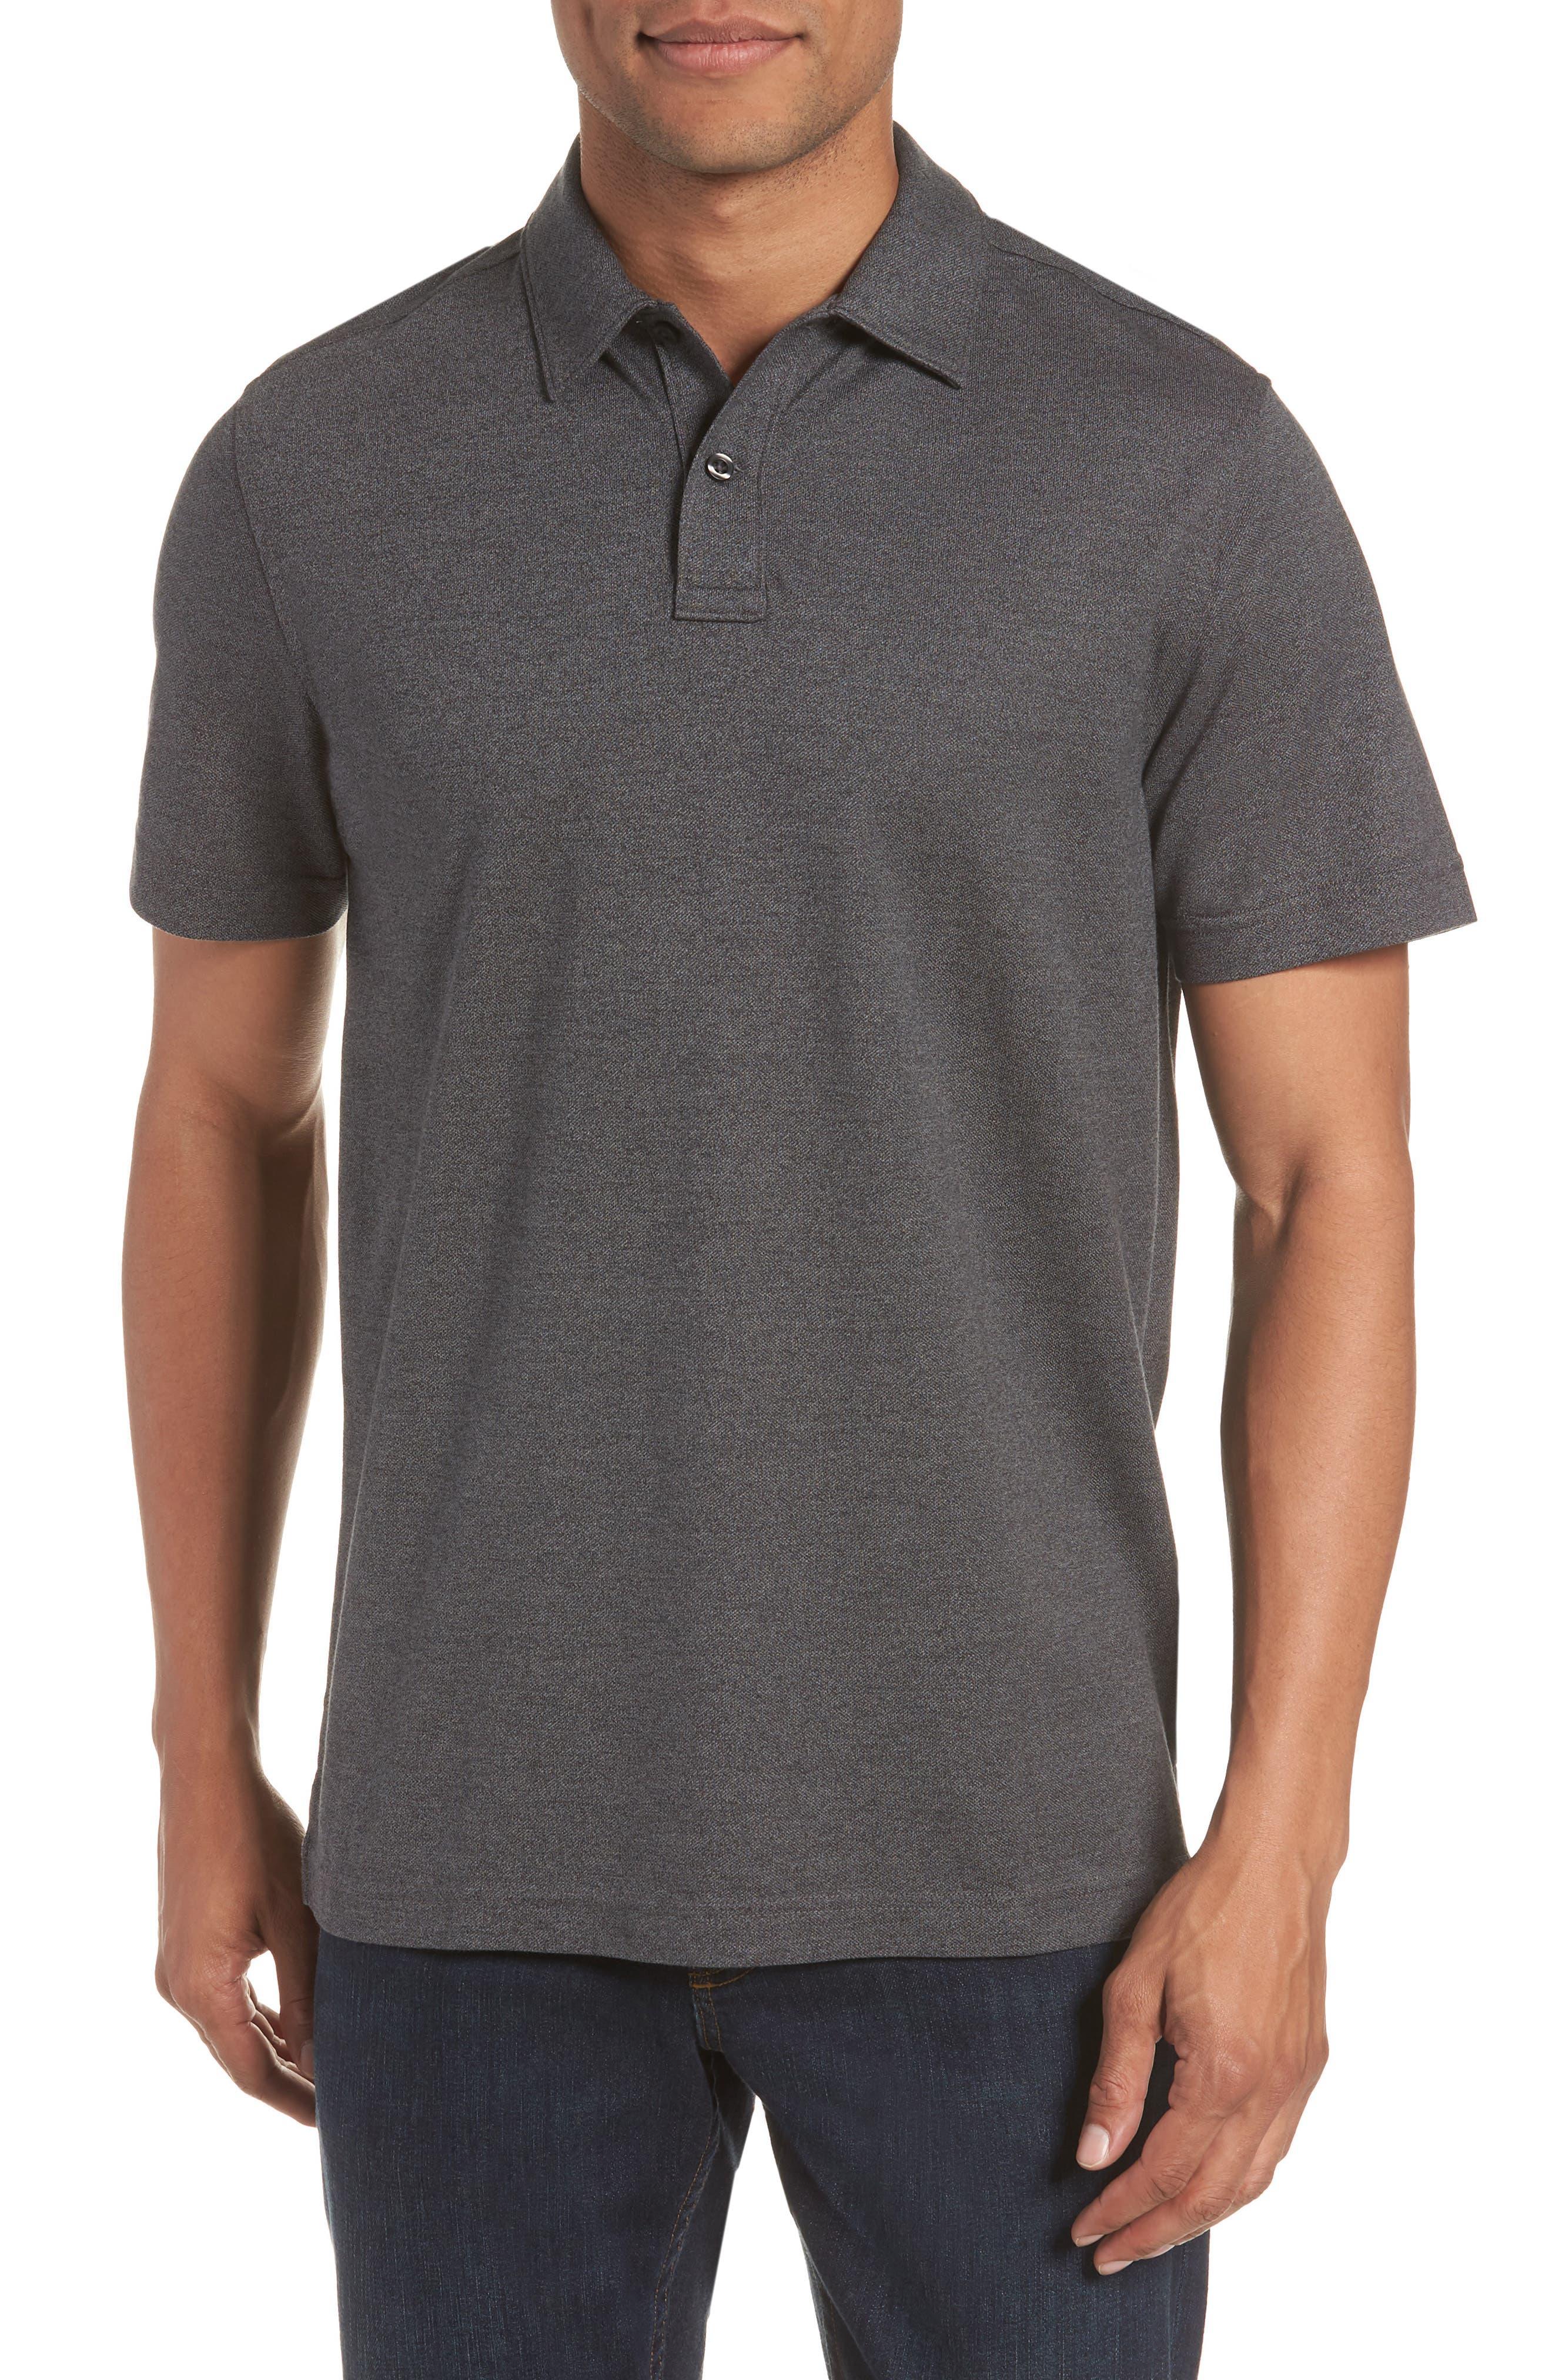 Black Mens Polo Shirt